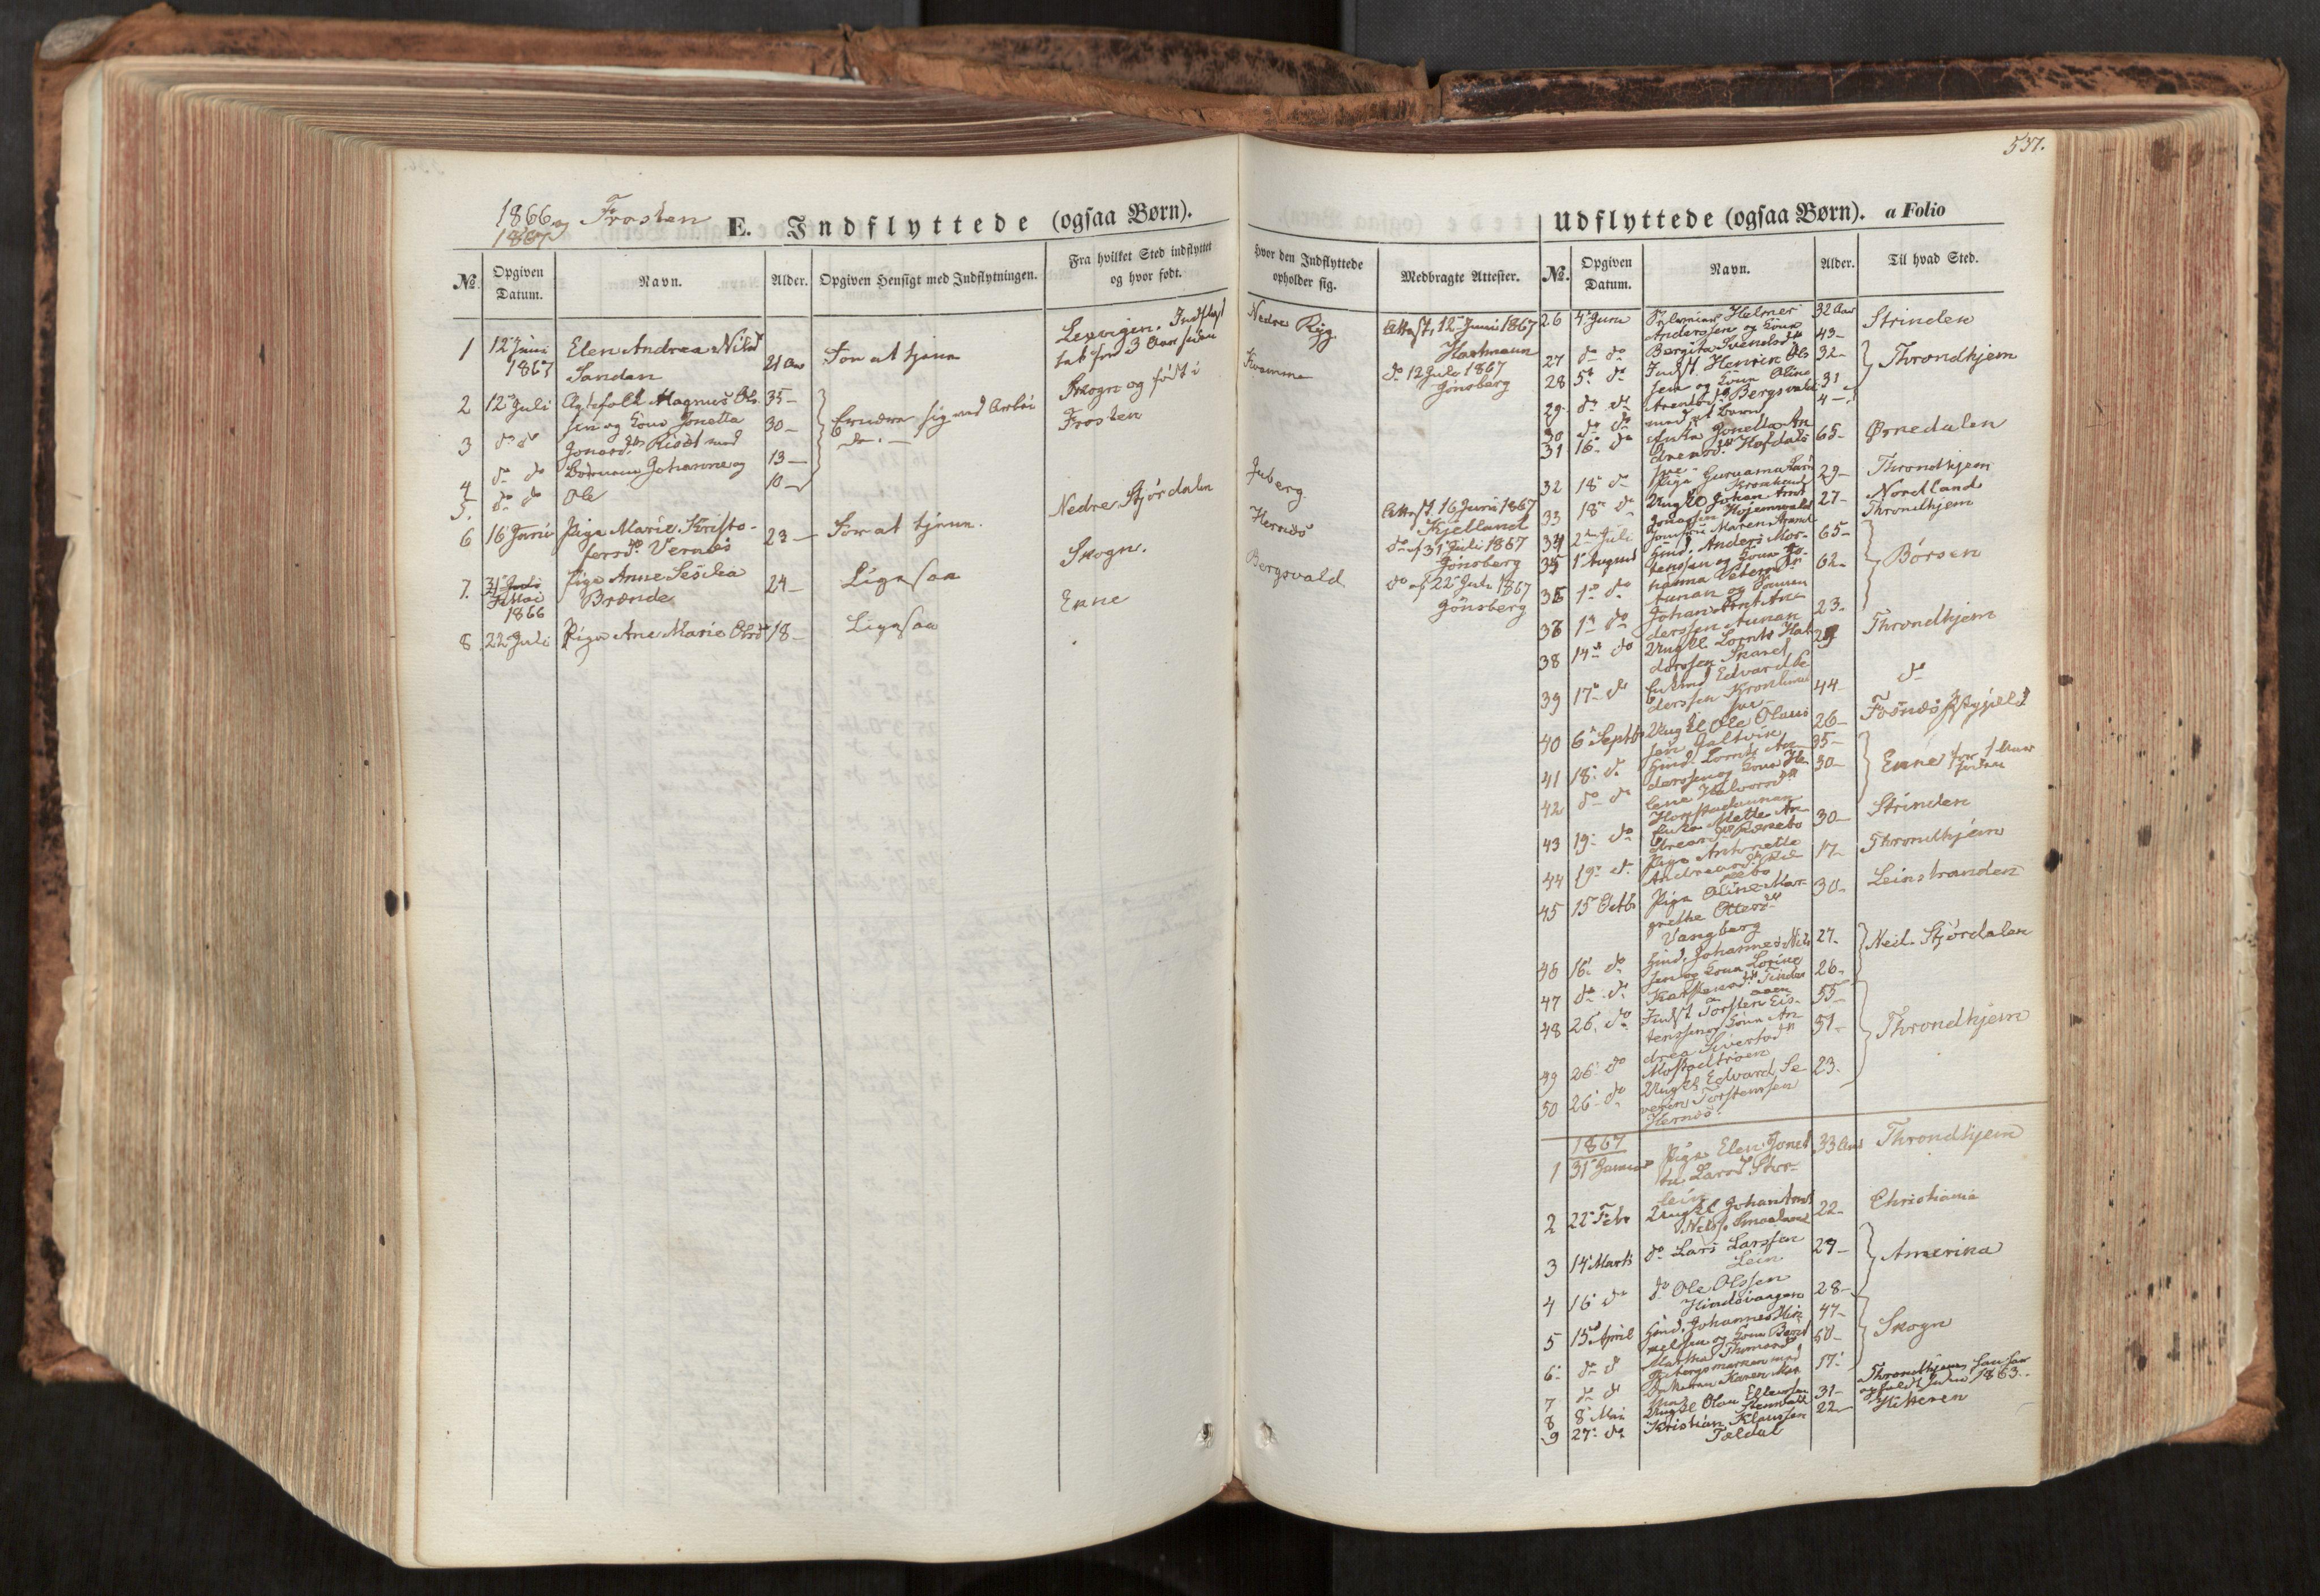 SAT, Ministerialprotokoller, klokkerbøker og fødselsregistre - Nord-Trøndelag, 713/L0116: Ministerialbok nr. 713A07, 1850-1877, s. 537